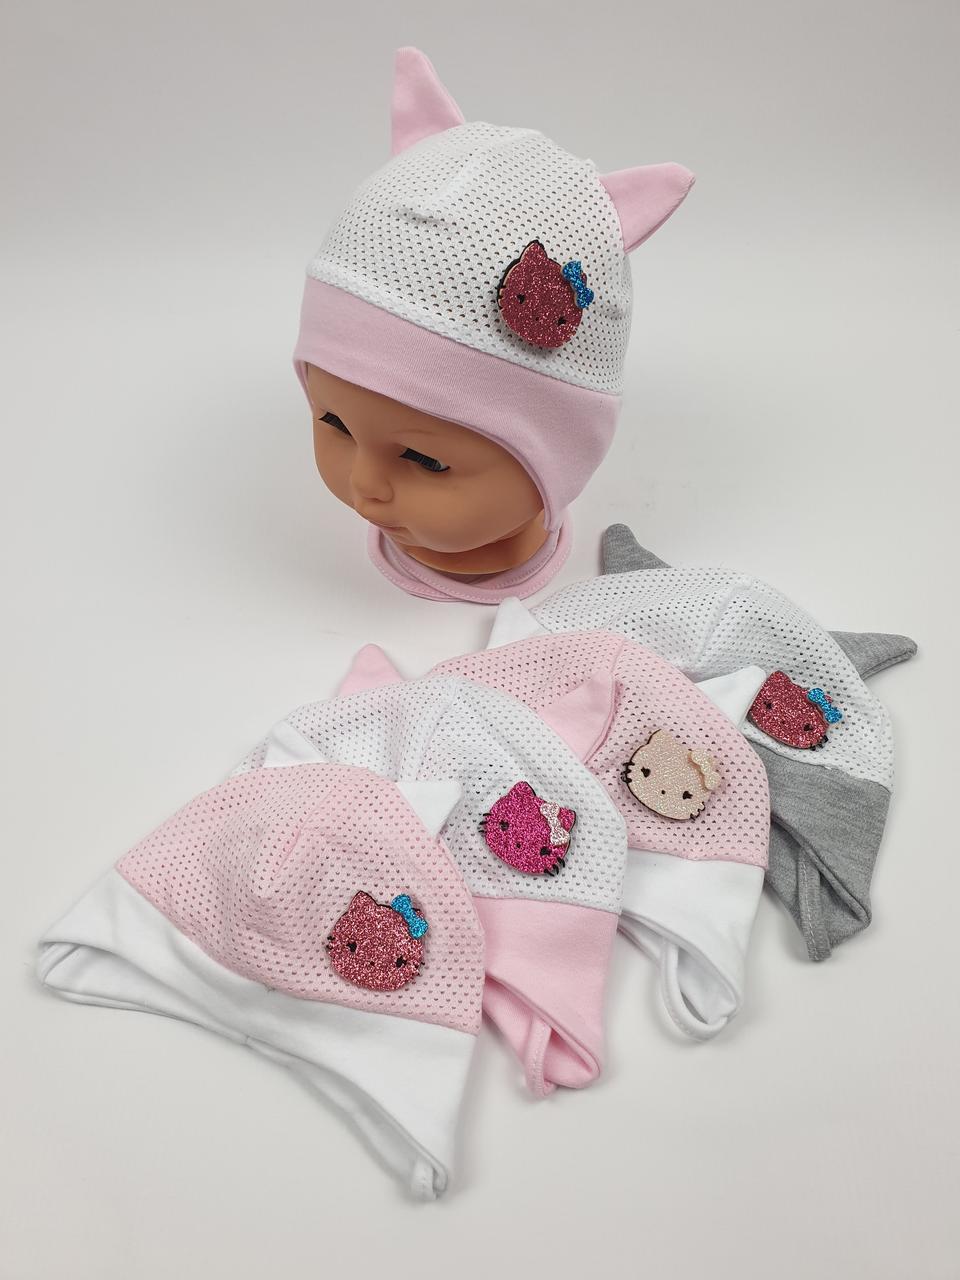 Летние детские шапочки в сеточку с ушками для девочек, р. 36-38 40-42, Польша (Ala Baby)